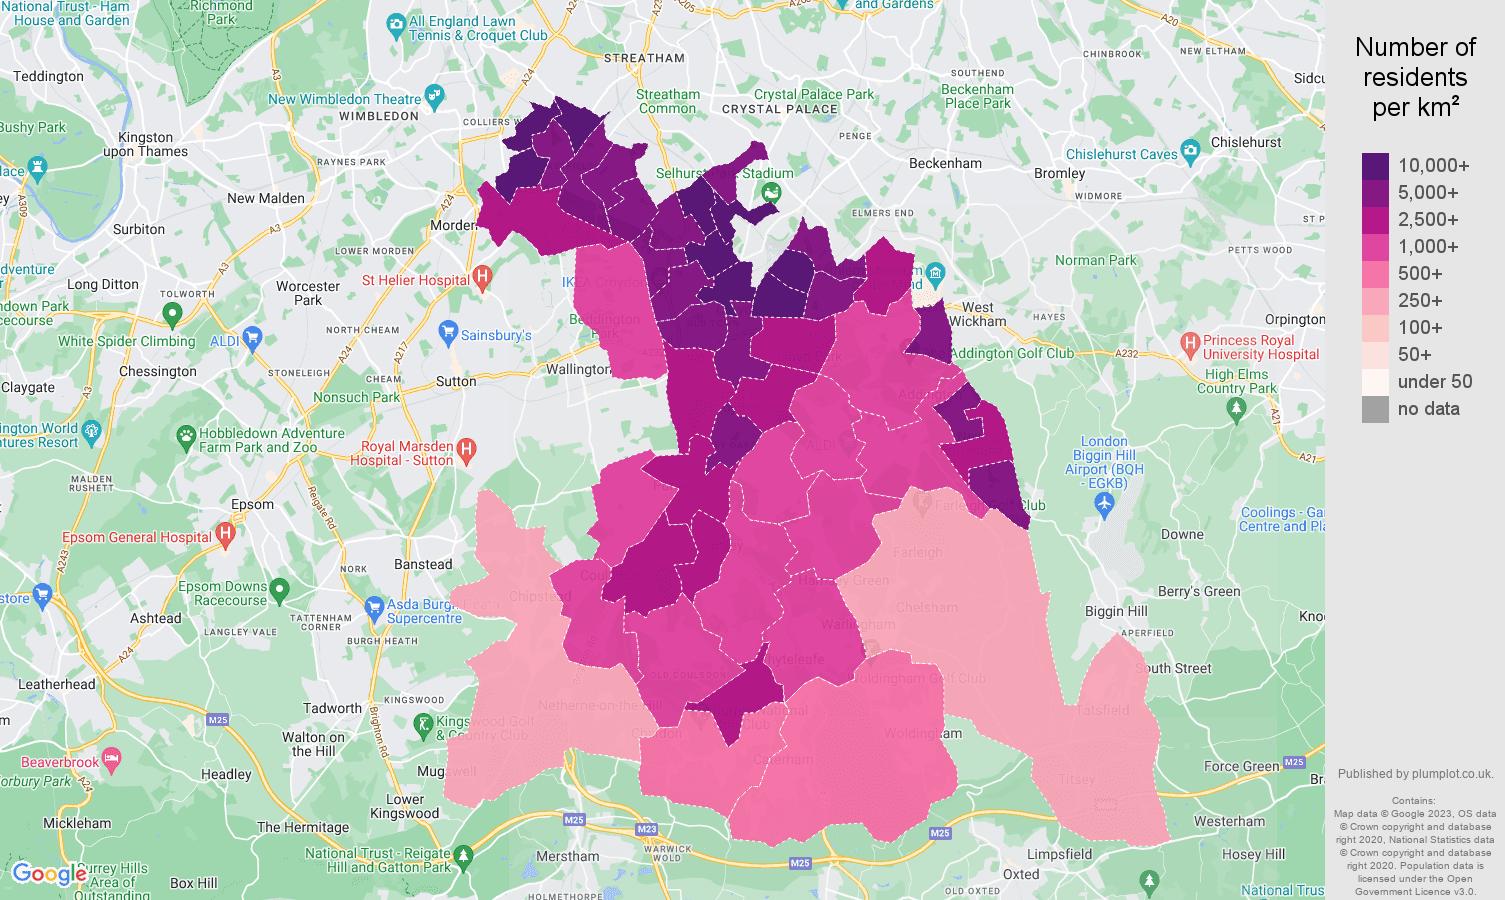 Croydon population density map